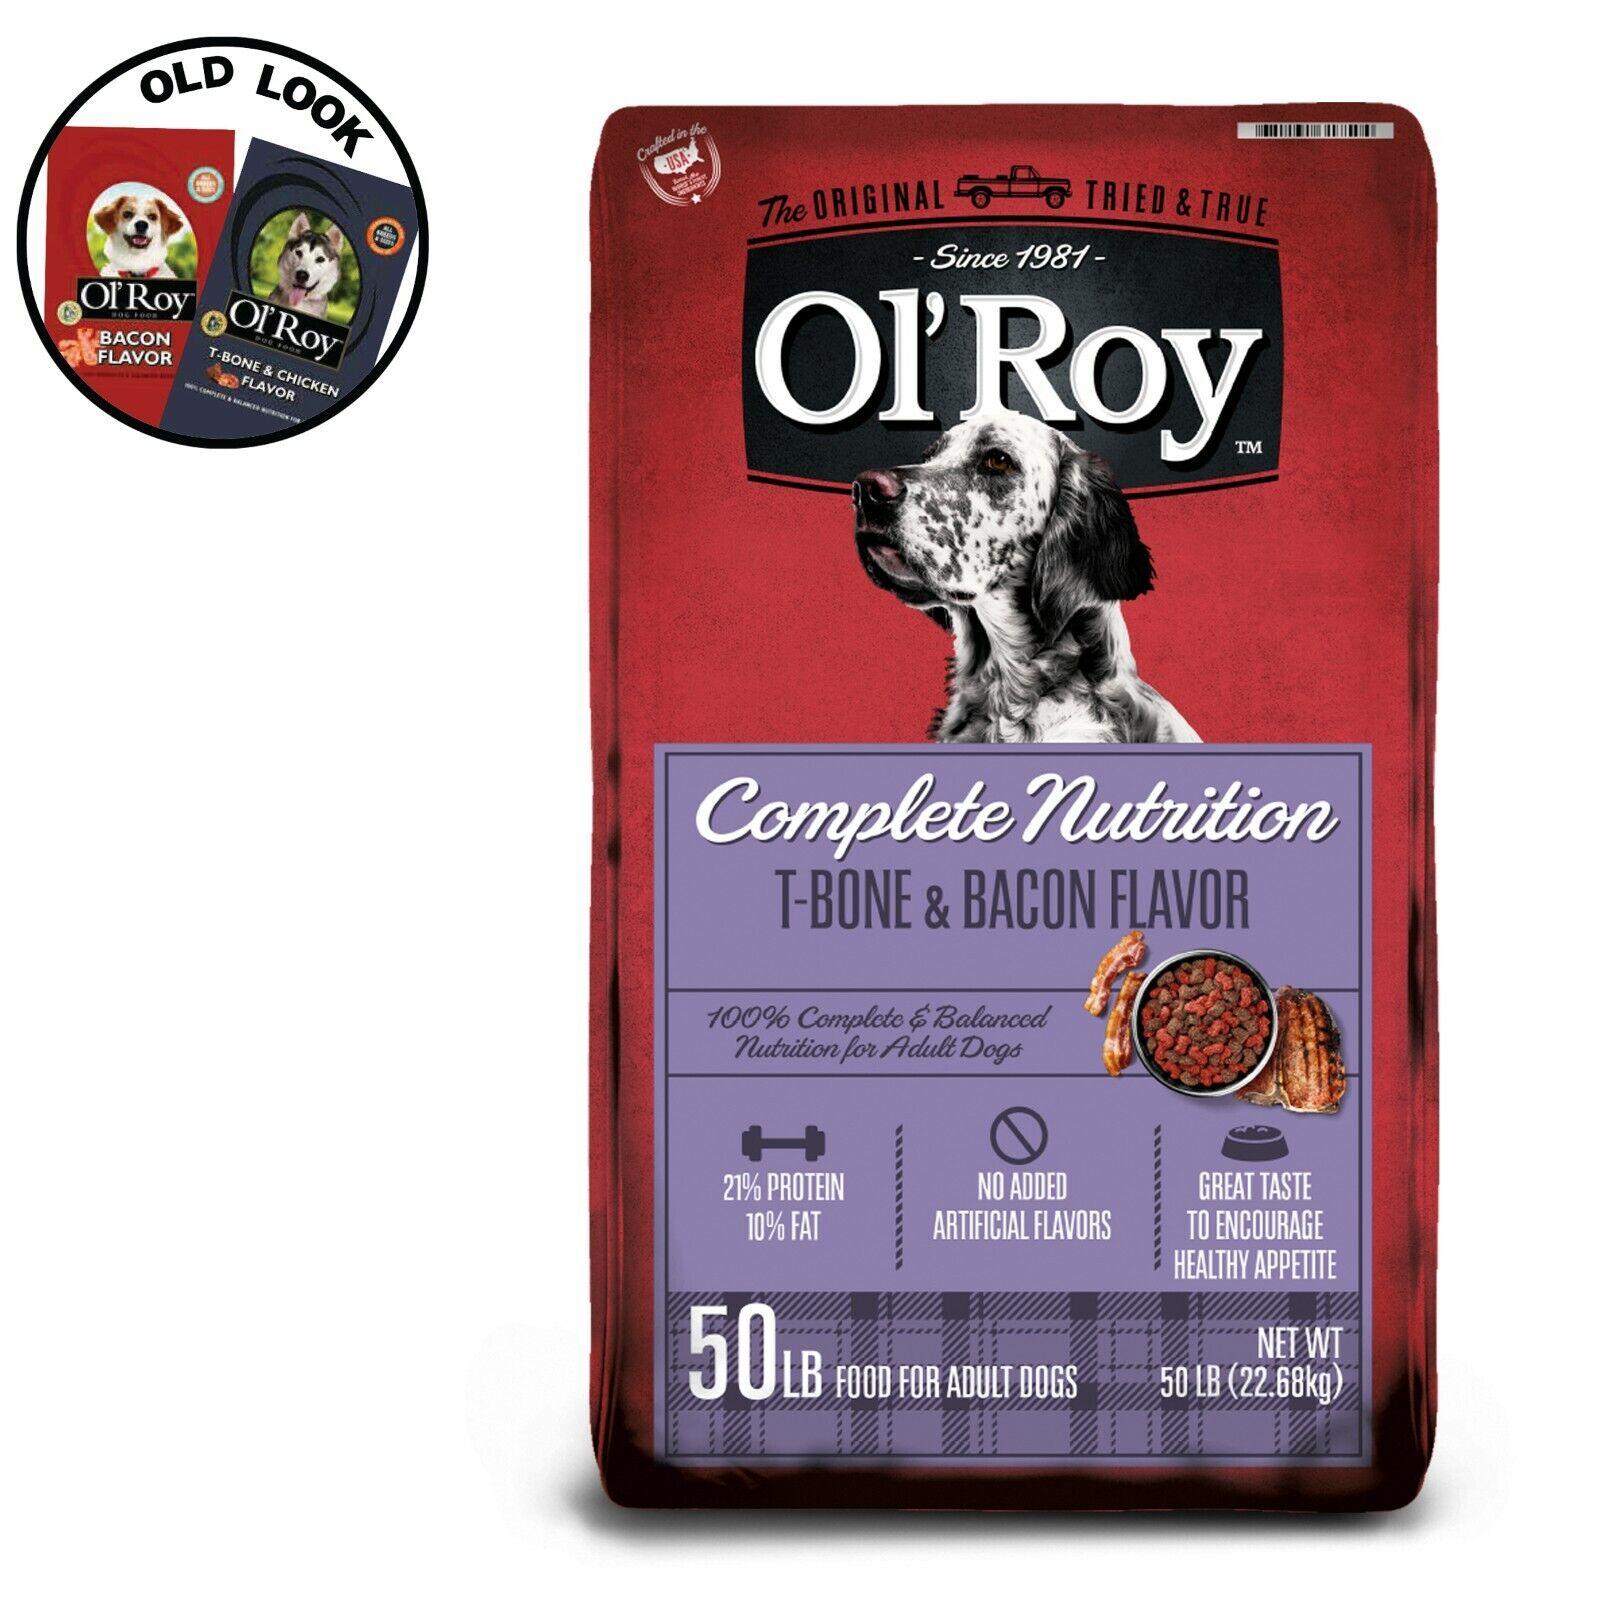 Ol Roy Complete Nutrition Dog Food 50 Lb 605388022875 For Sale Online Ebay